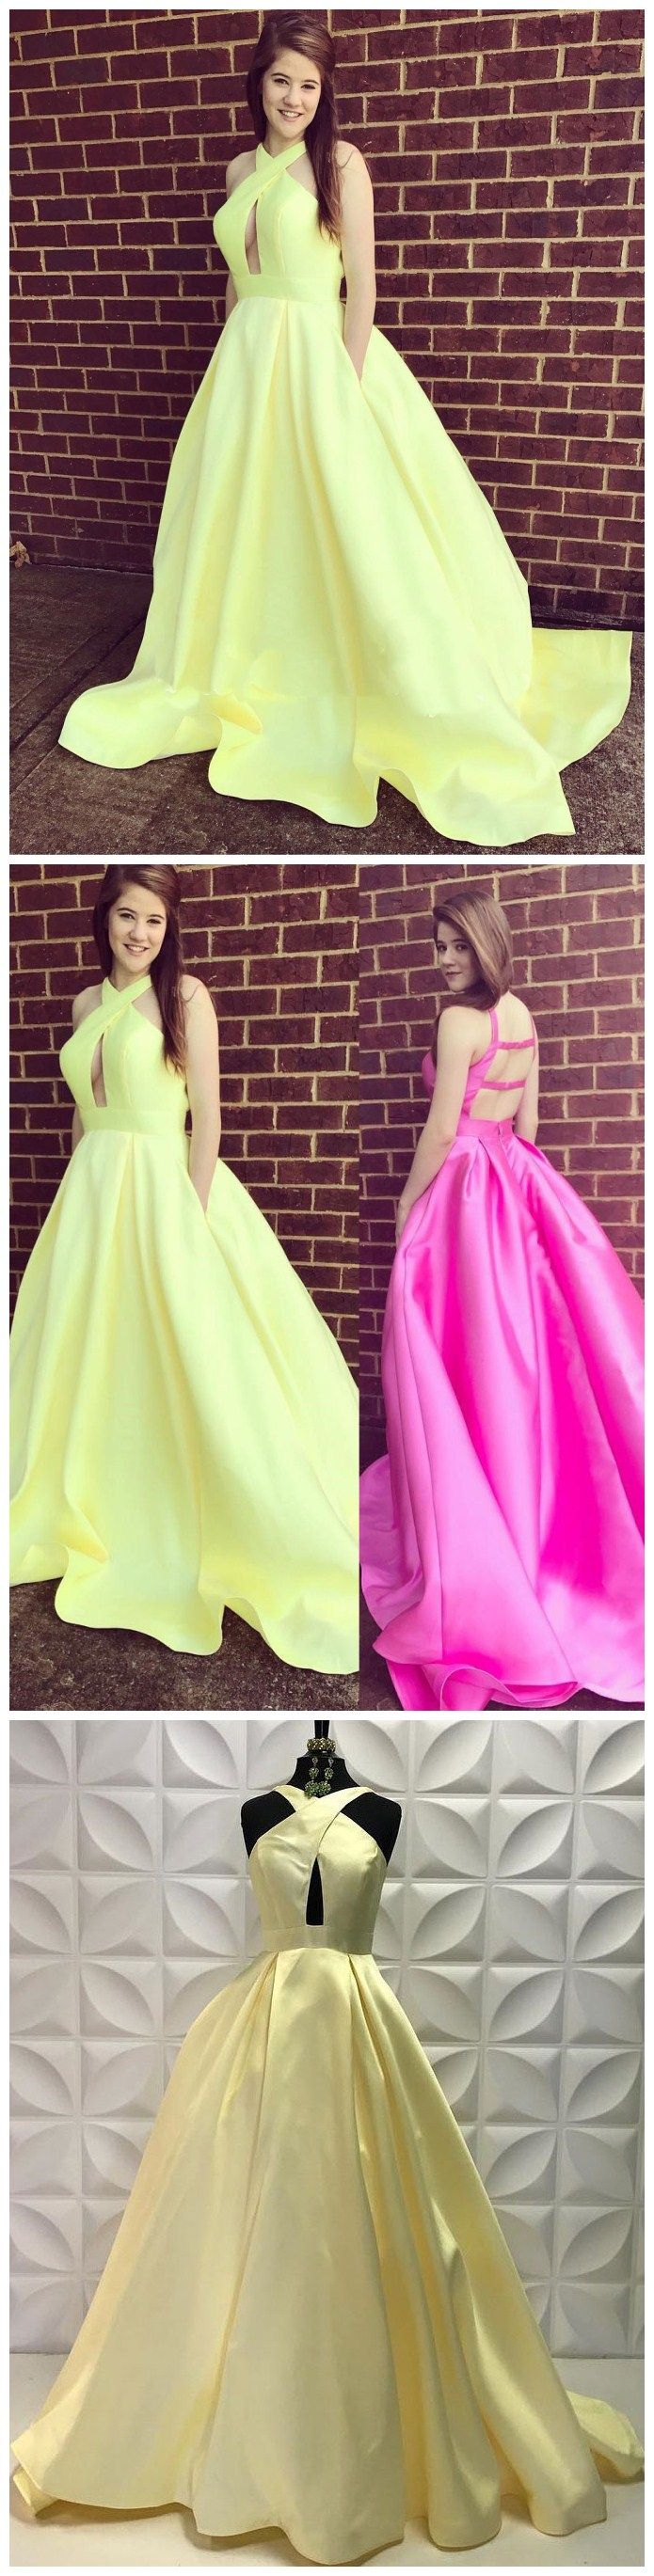 Excellent sequin lace halter neckline chapel train sheath prom dress